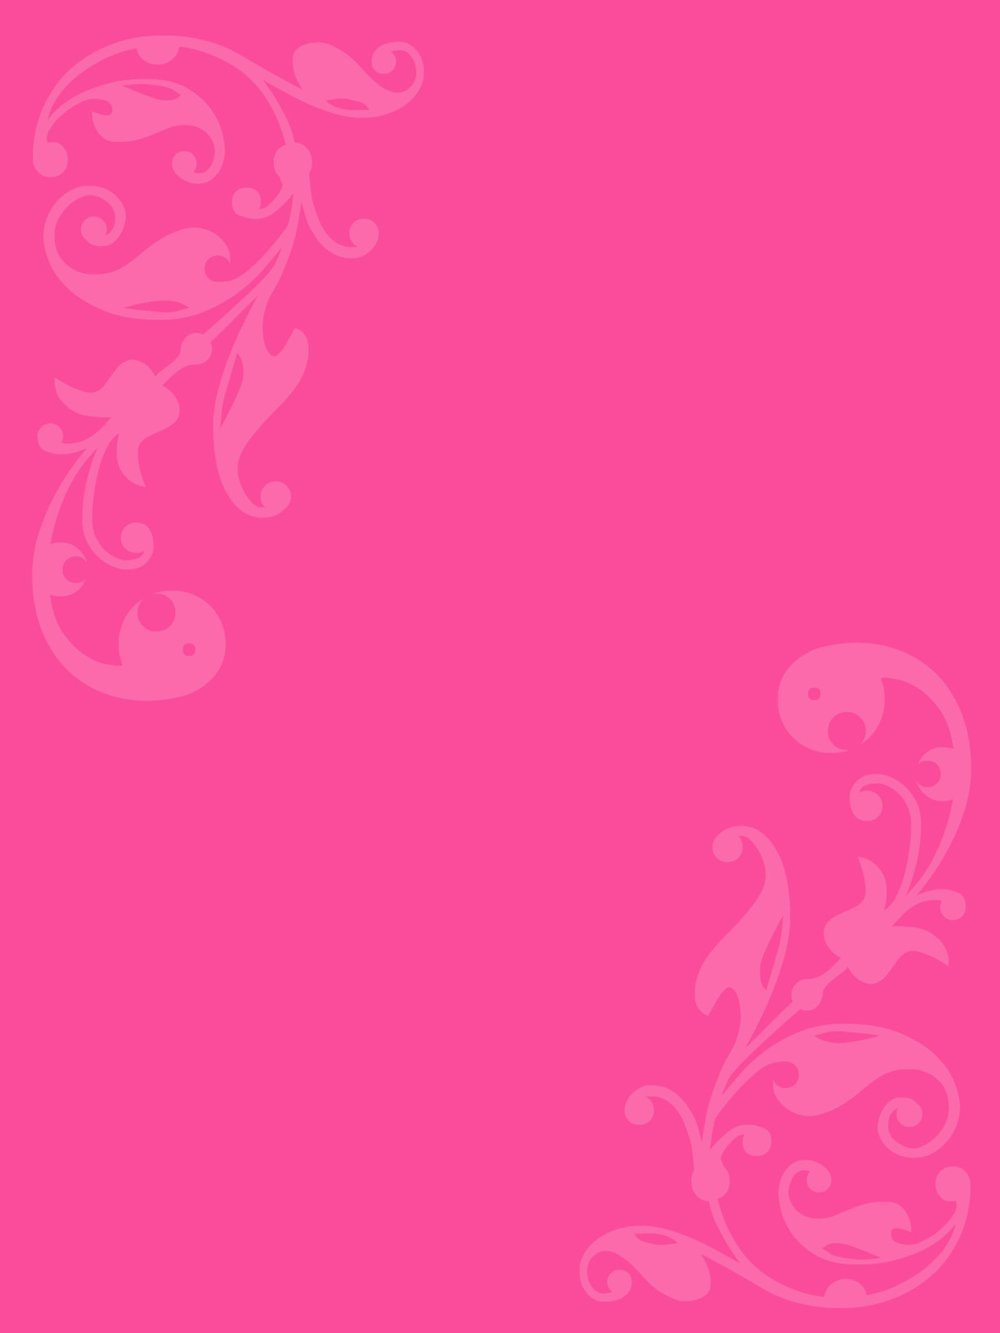 PINK MED.jpg